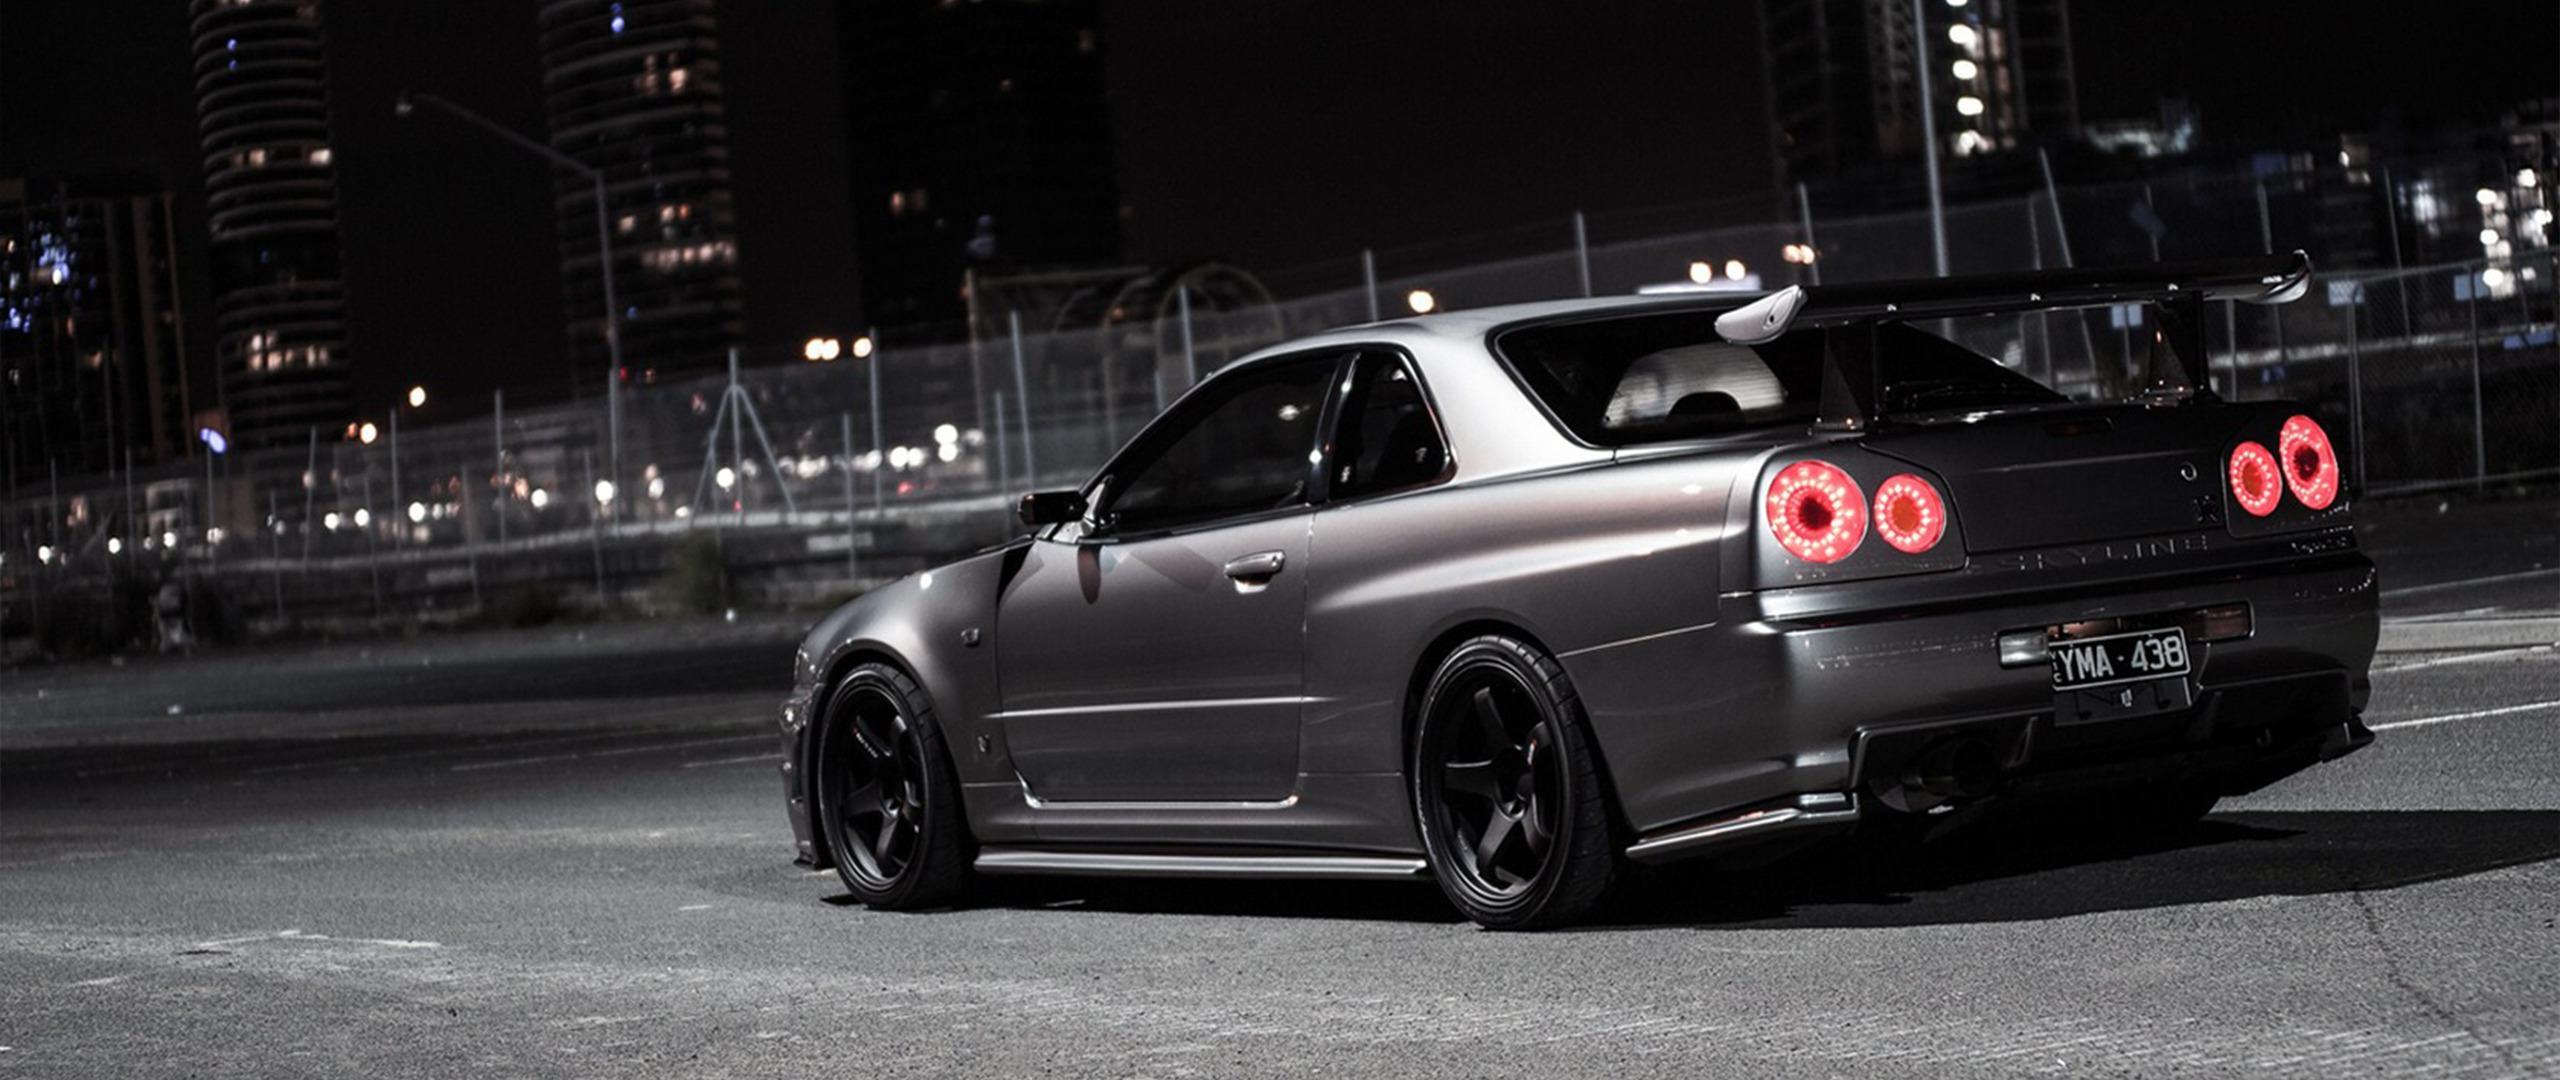 Ultra Wide Car Nissan Skyline Gt R Wallpapers Hd